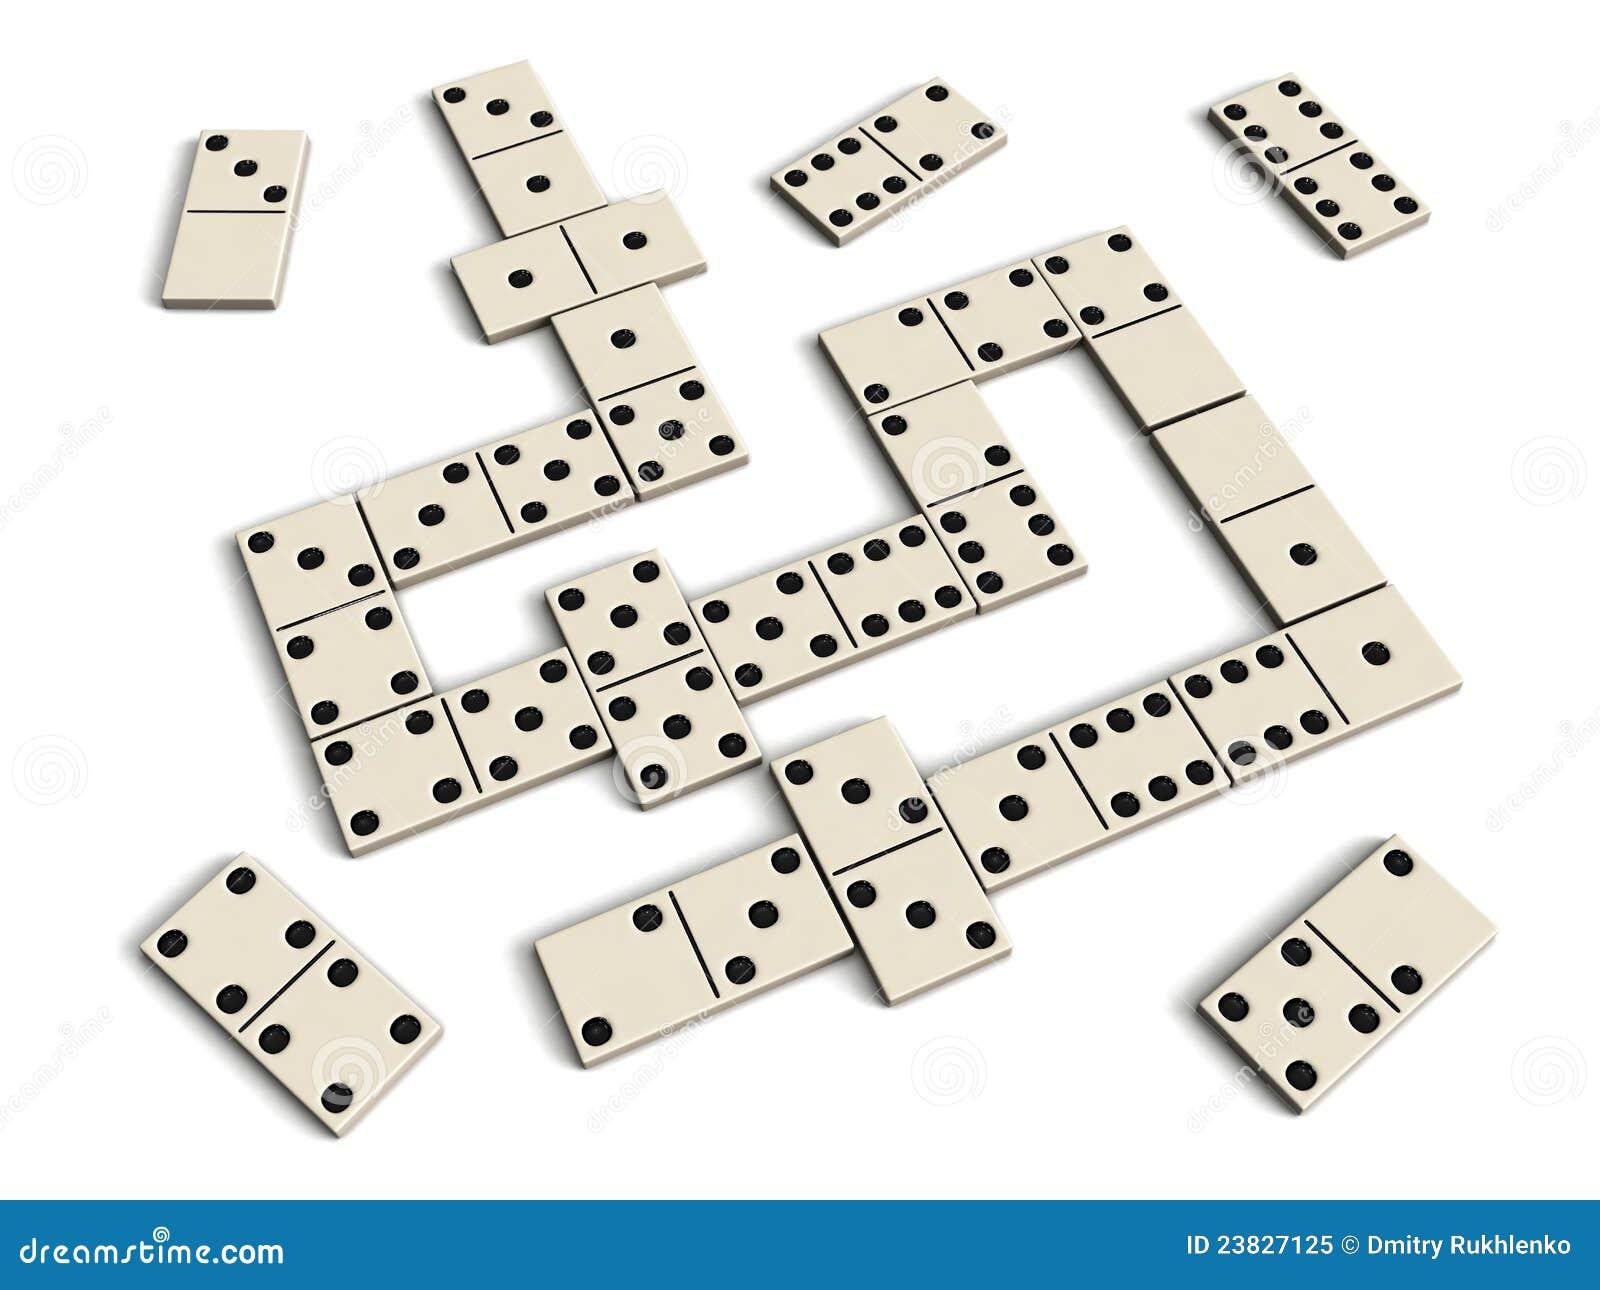 jeu de domino photo libre de droits image 23827125. Black Bedroom Furniture Sets. Home Design Ideas